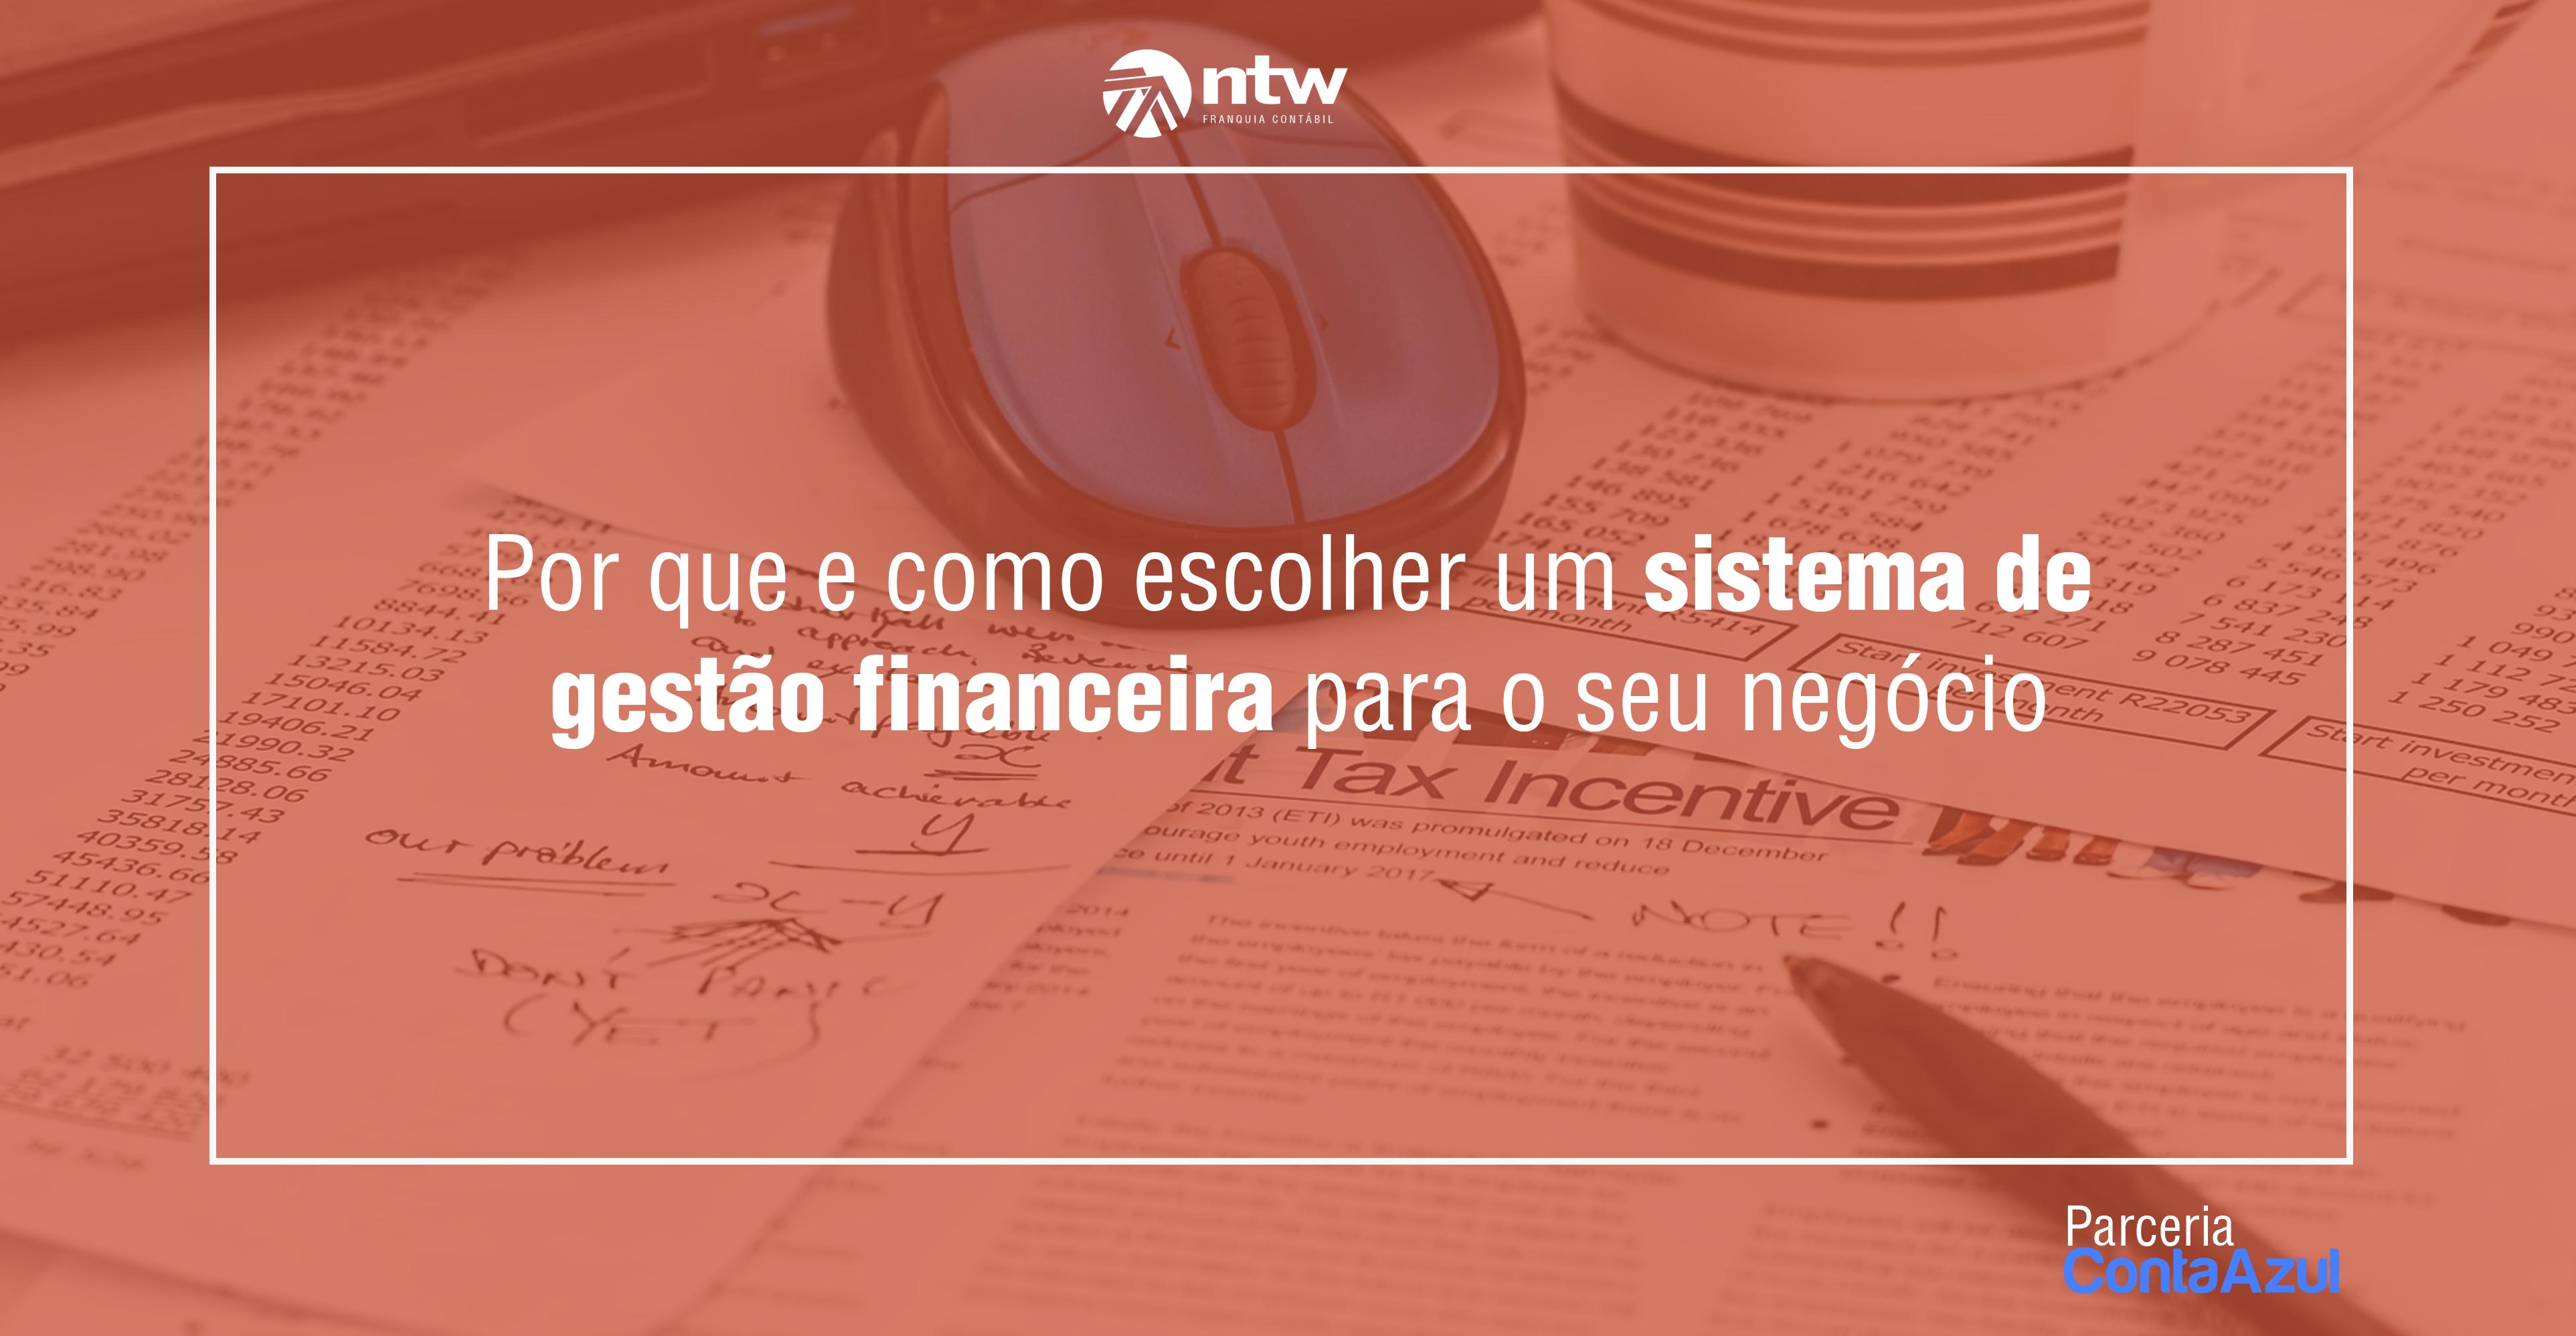 Por que e como escolher um sistema de gestão financeira para o seu negócio